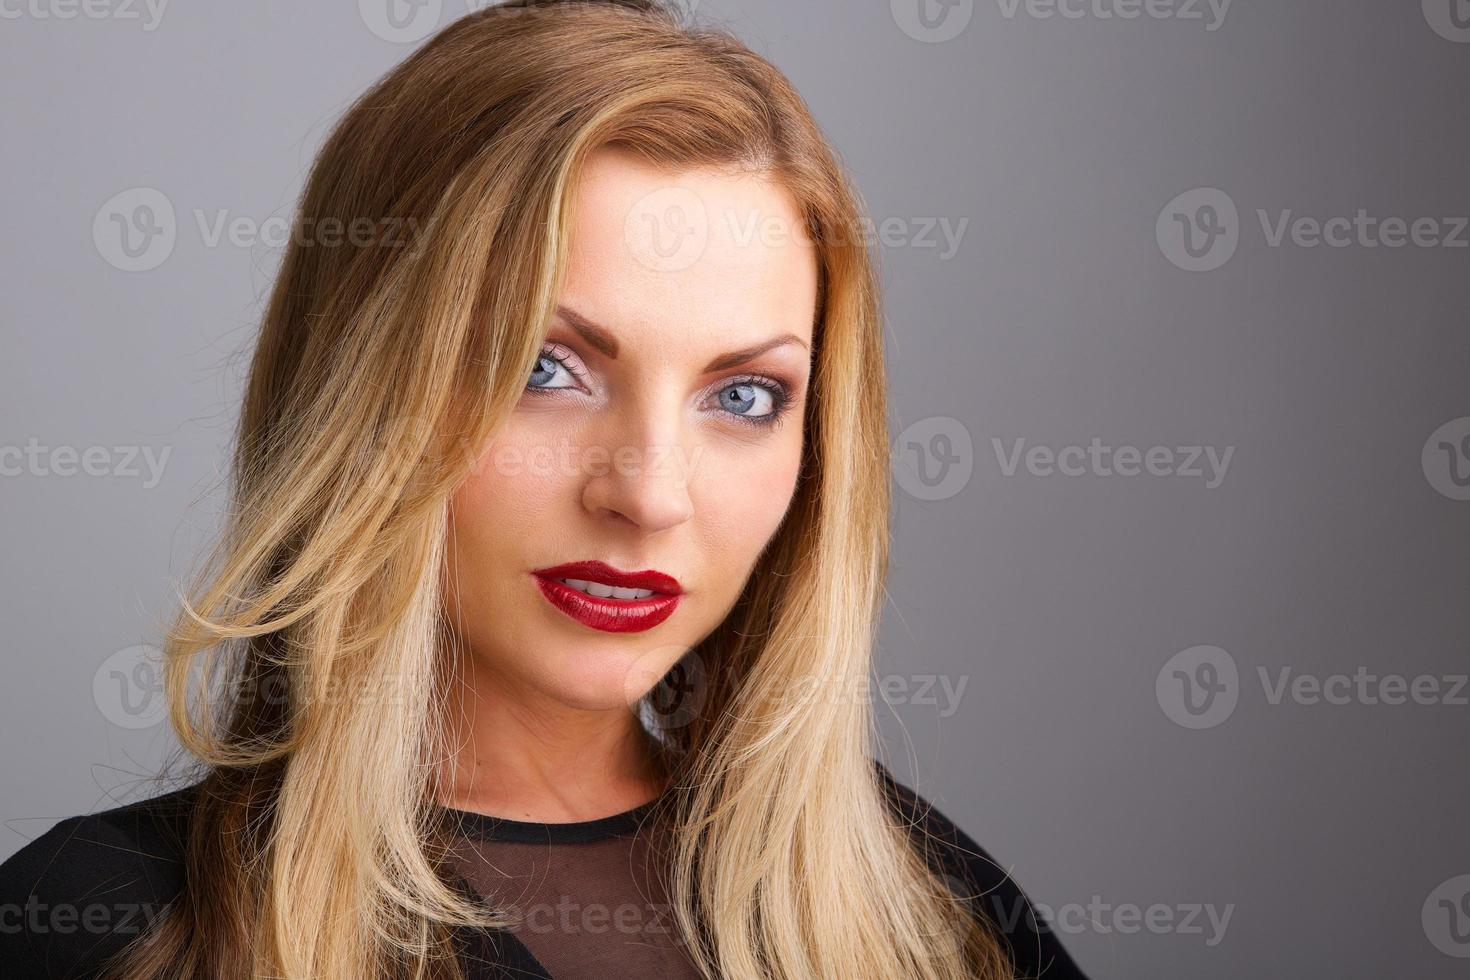 giovane donna con rossetto rosso foto